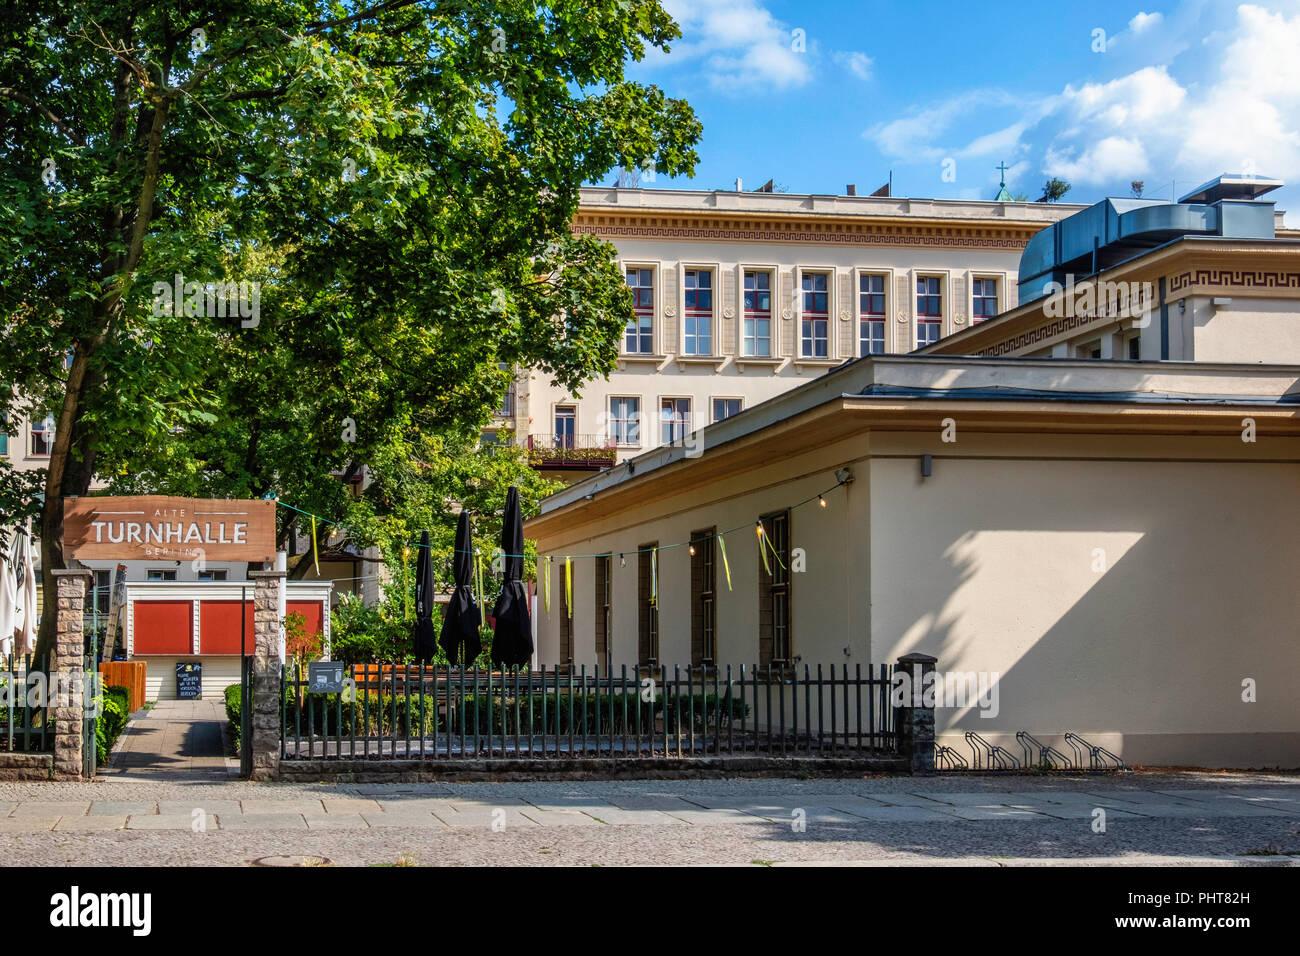 Berlin Friedrichshain Alte Turnhalle Gebaude Exterieur Restaurant